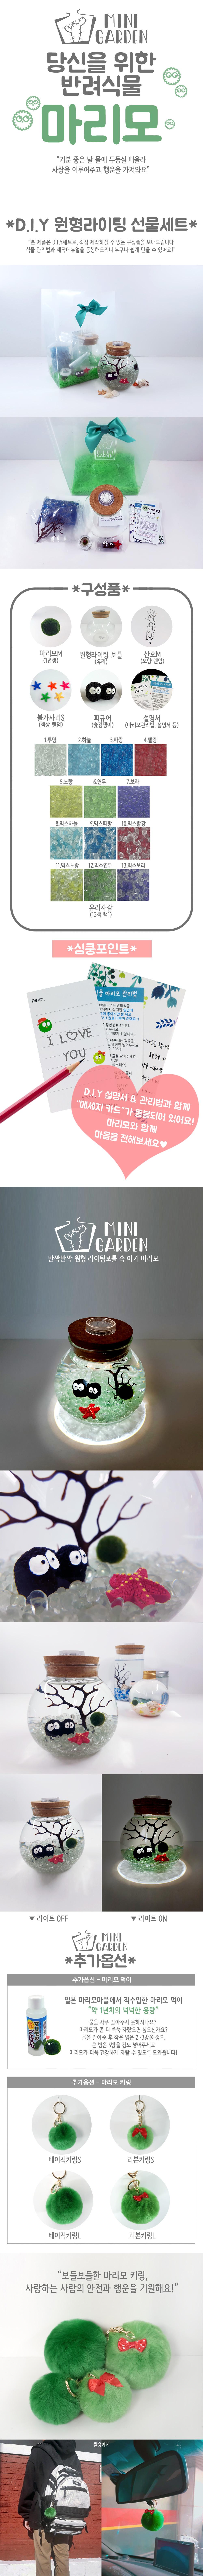 선물세트-원형라이팅 마리모 DIY 세트 - 미니가든, 25,000원, 키우기, 식물